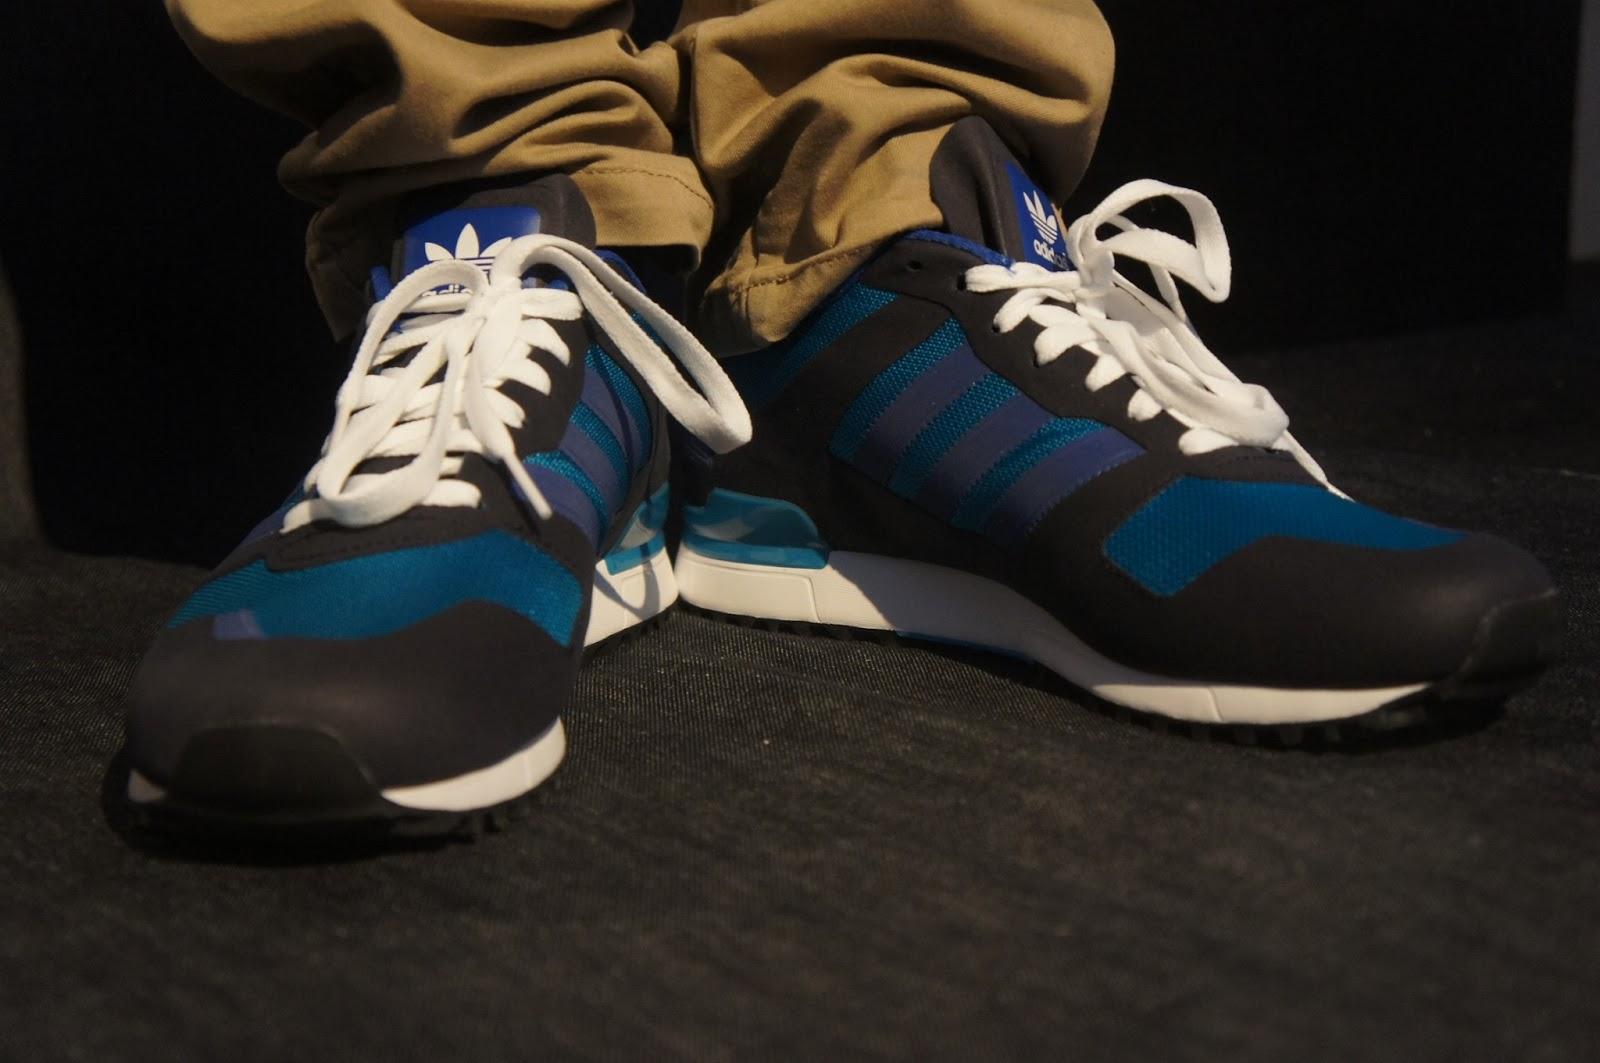 Adidas Zx 700 On Feet